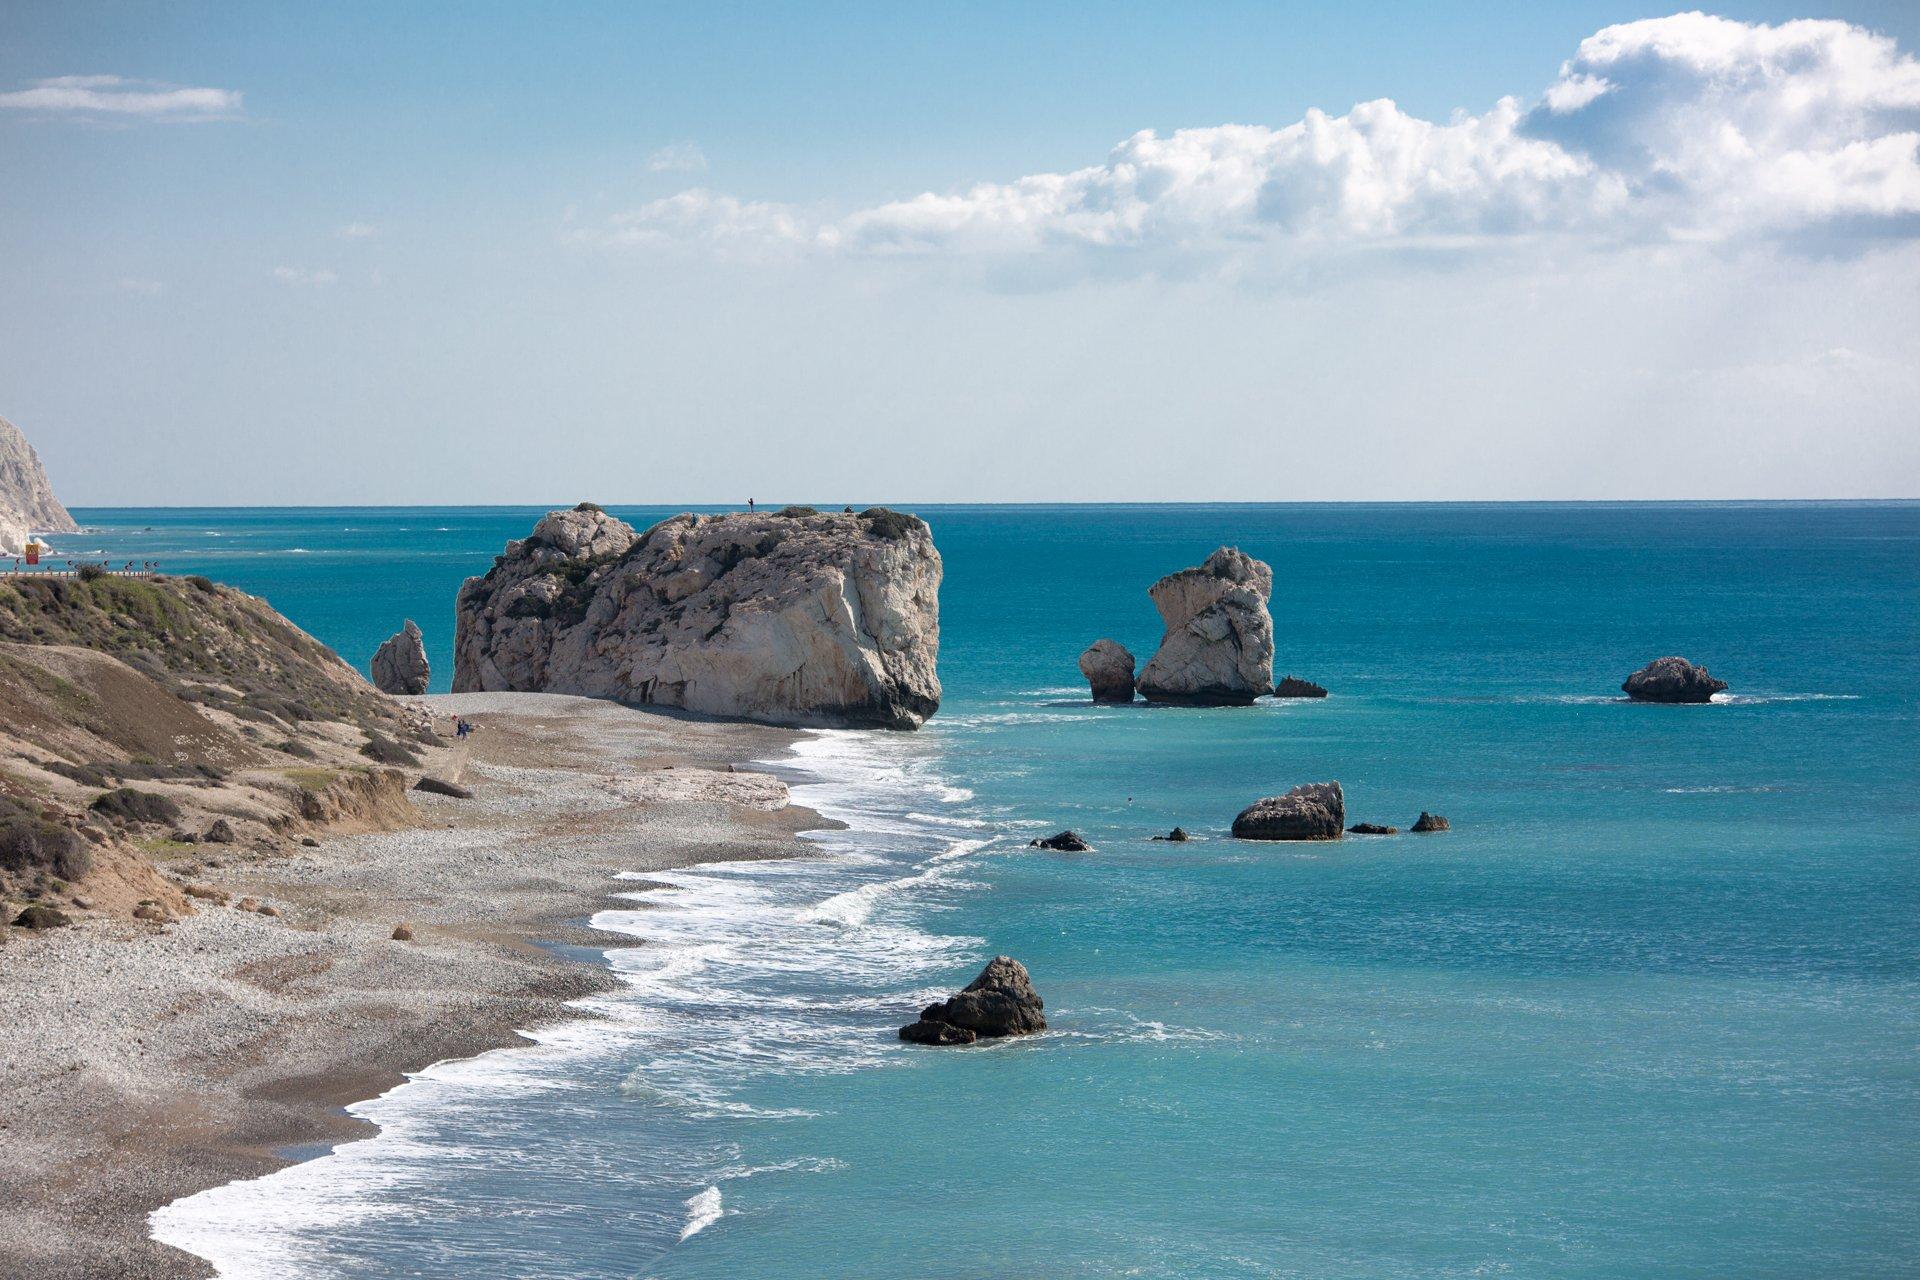 пейзаж, море, скалы, туристическое, афродита, прибой, простор, Илья Беленький